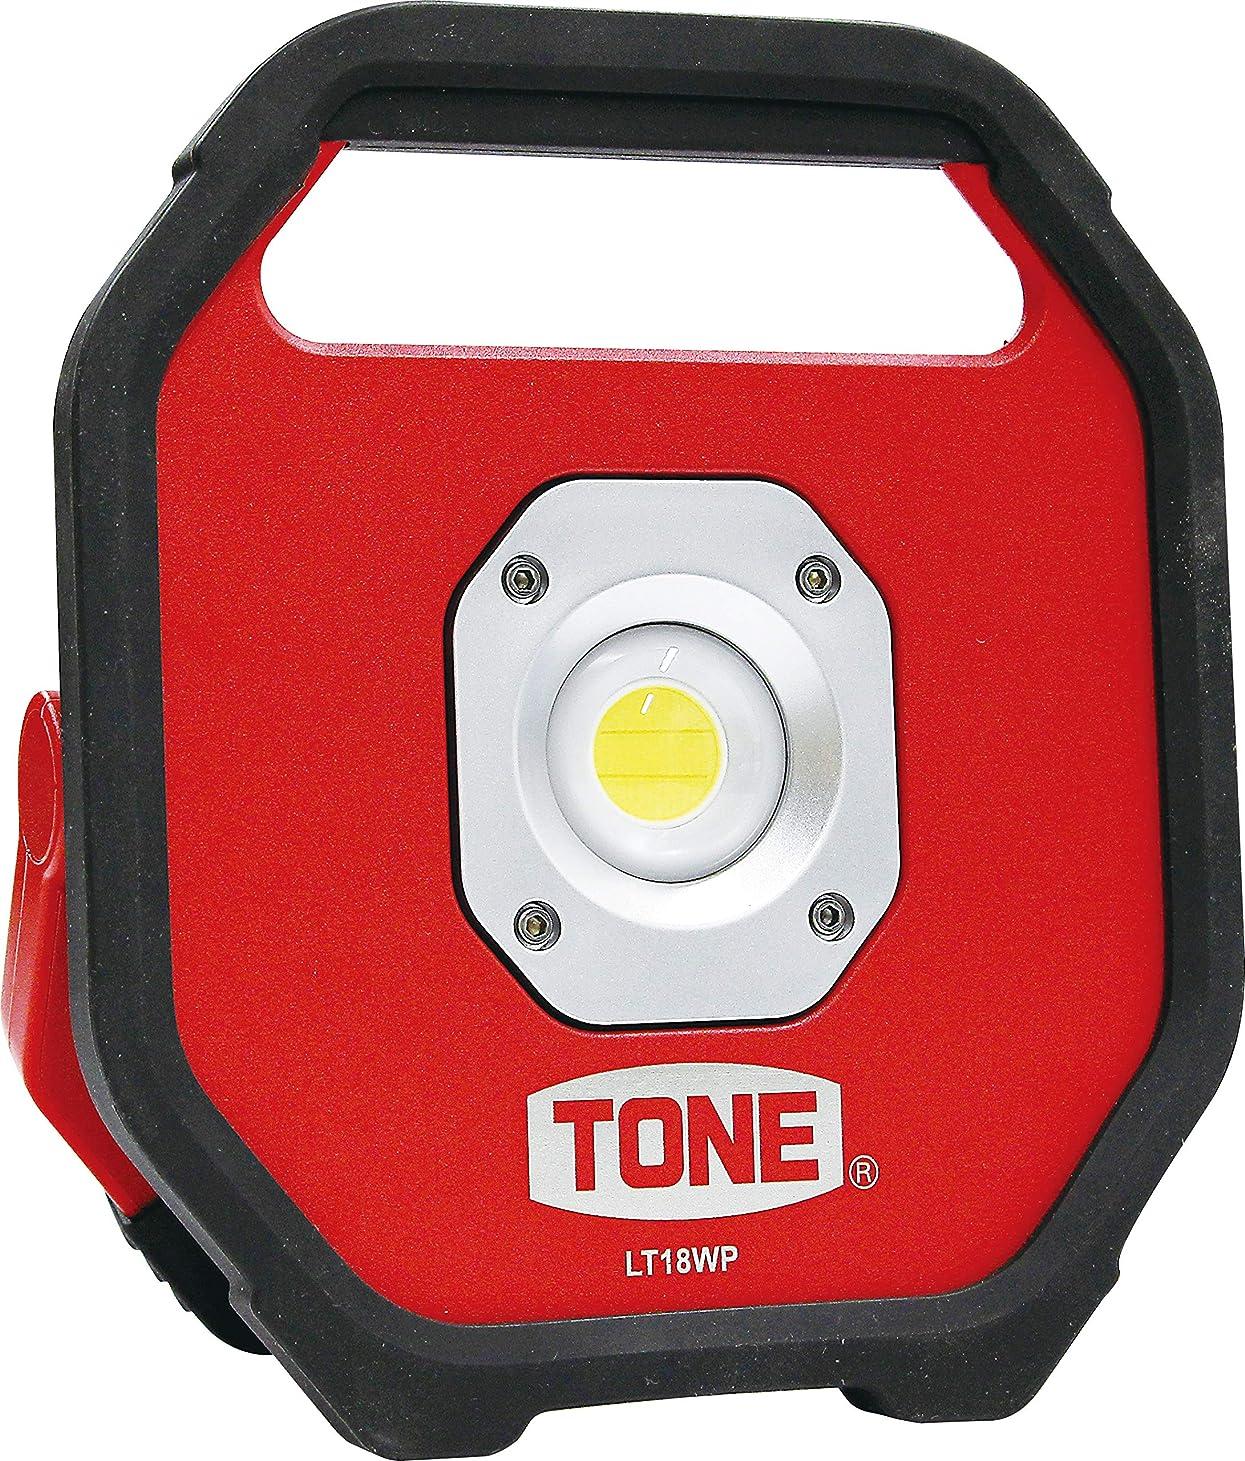 アーカイブ追跡バッジトネ(TONE) LED投光器(電池タイプ) LT18WP レッド/ブラック